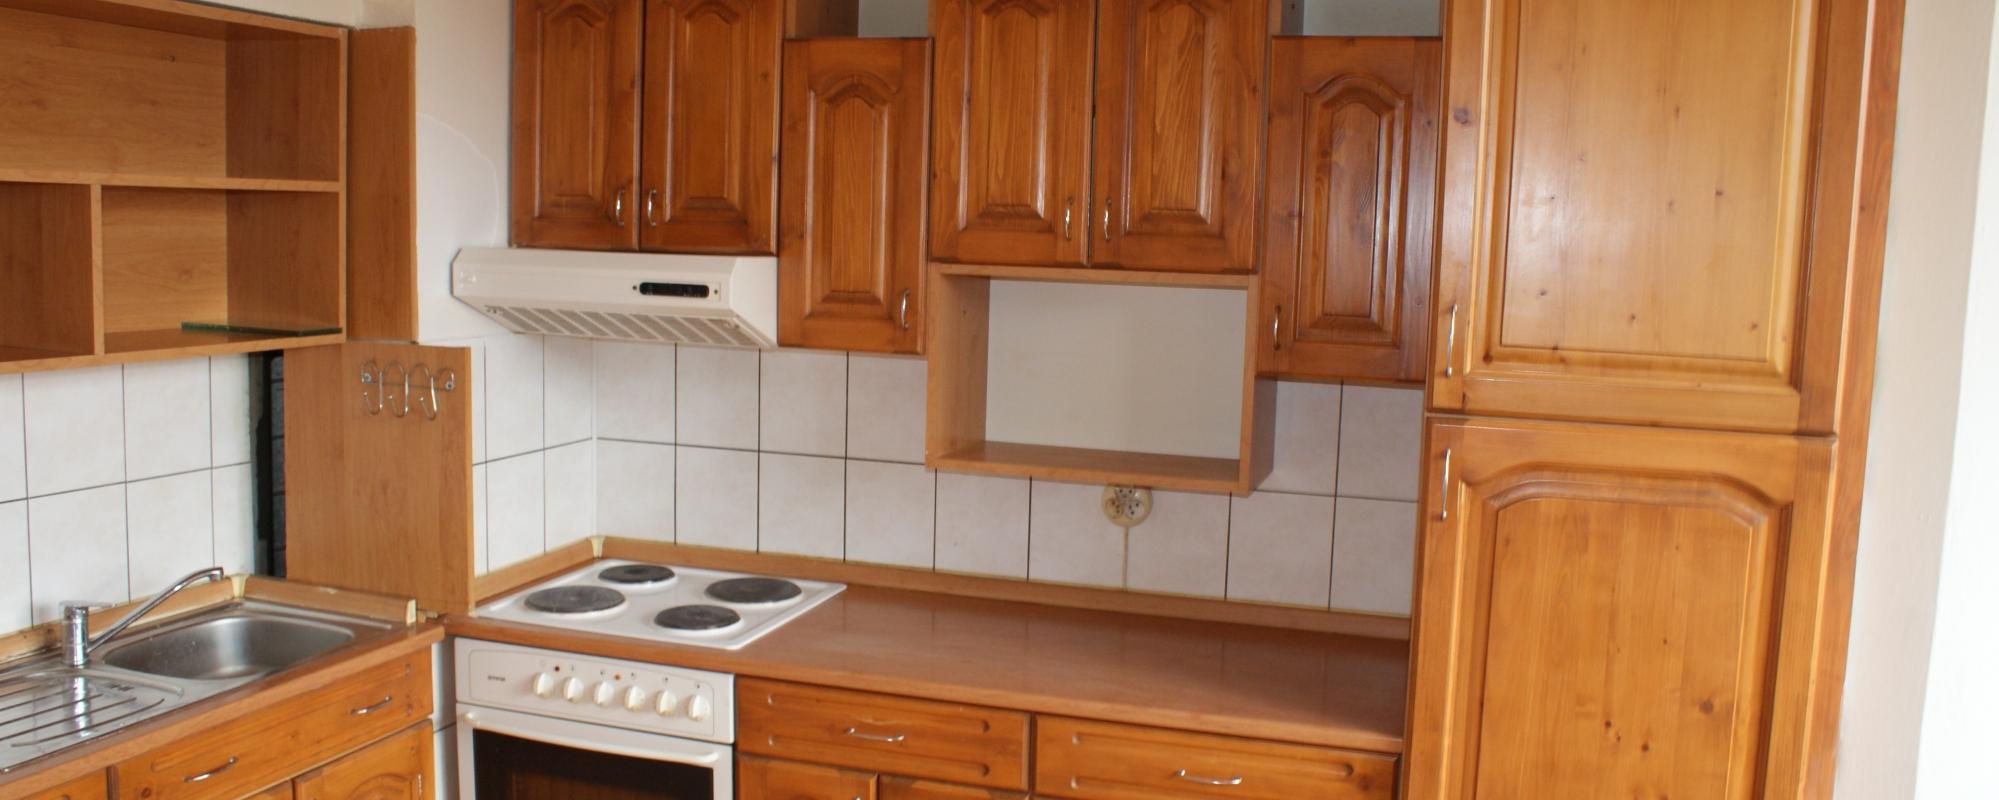 1-izbový byt s výhodnou polohou, ul.Poľná